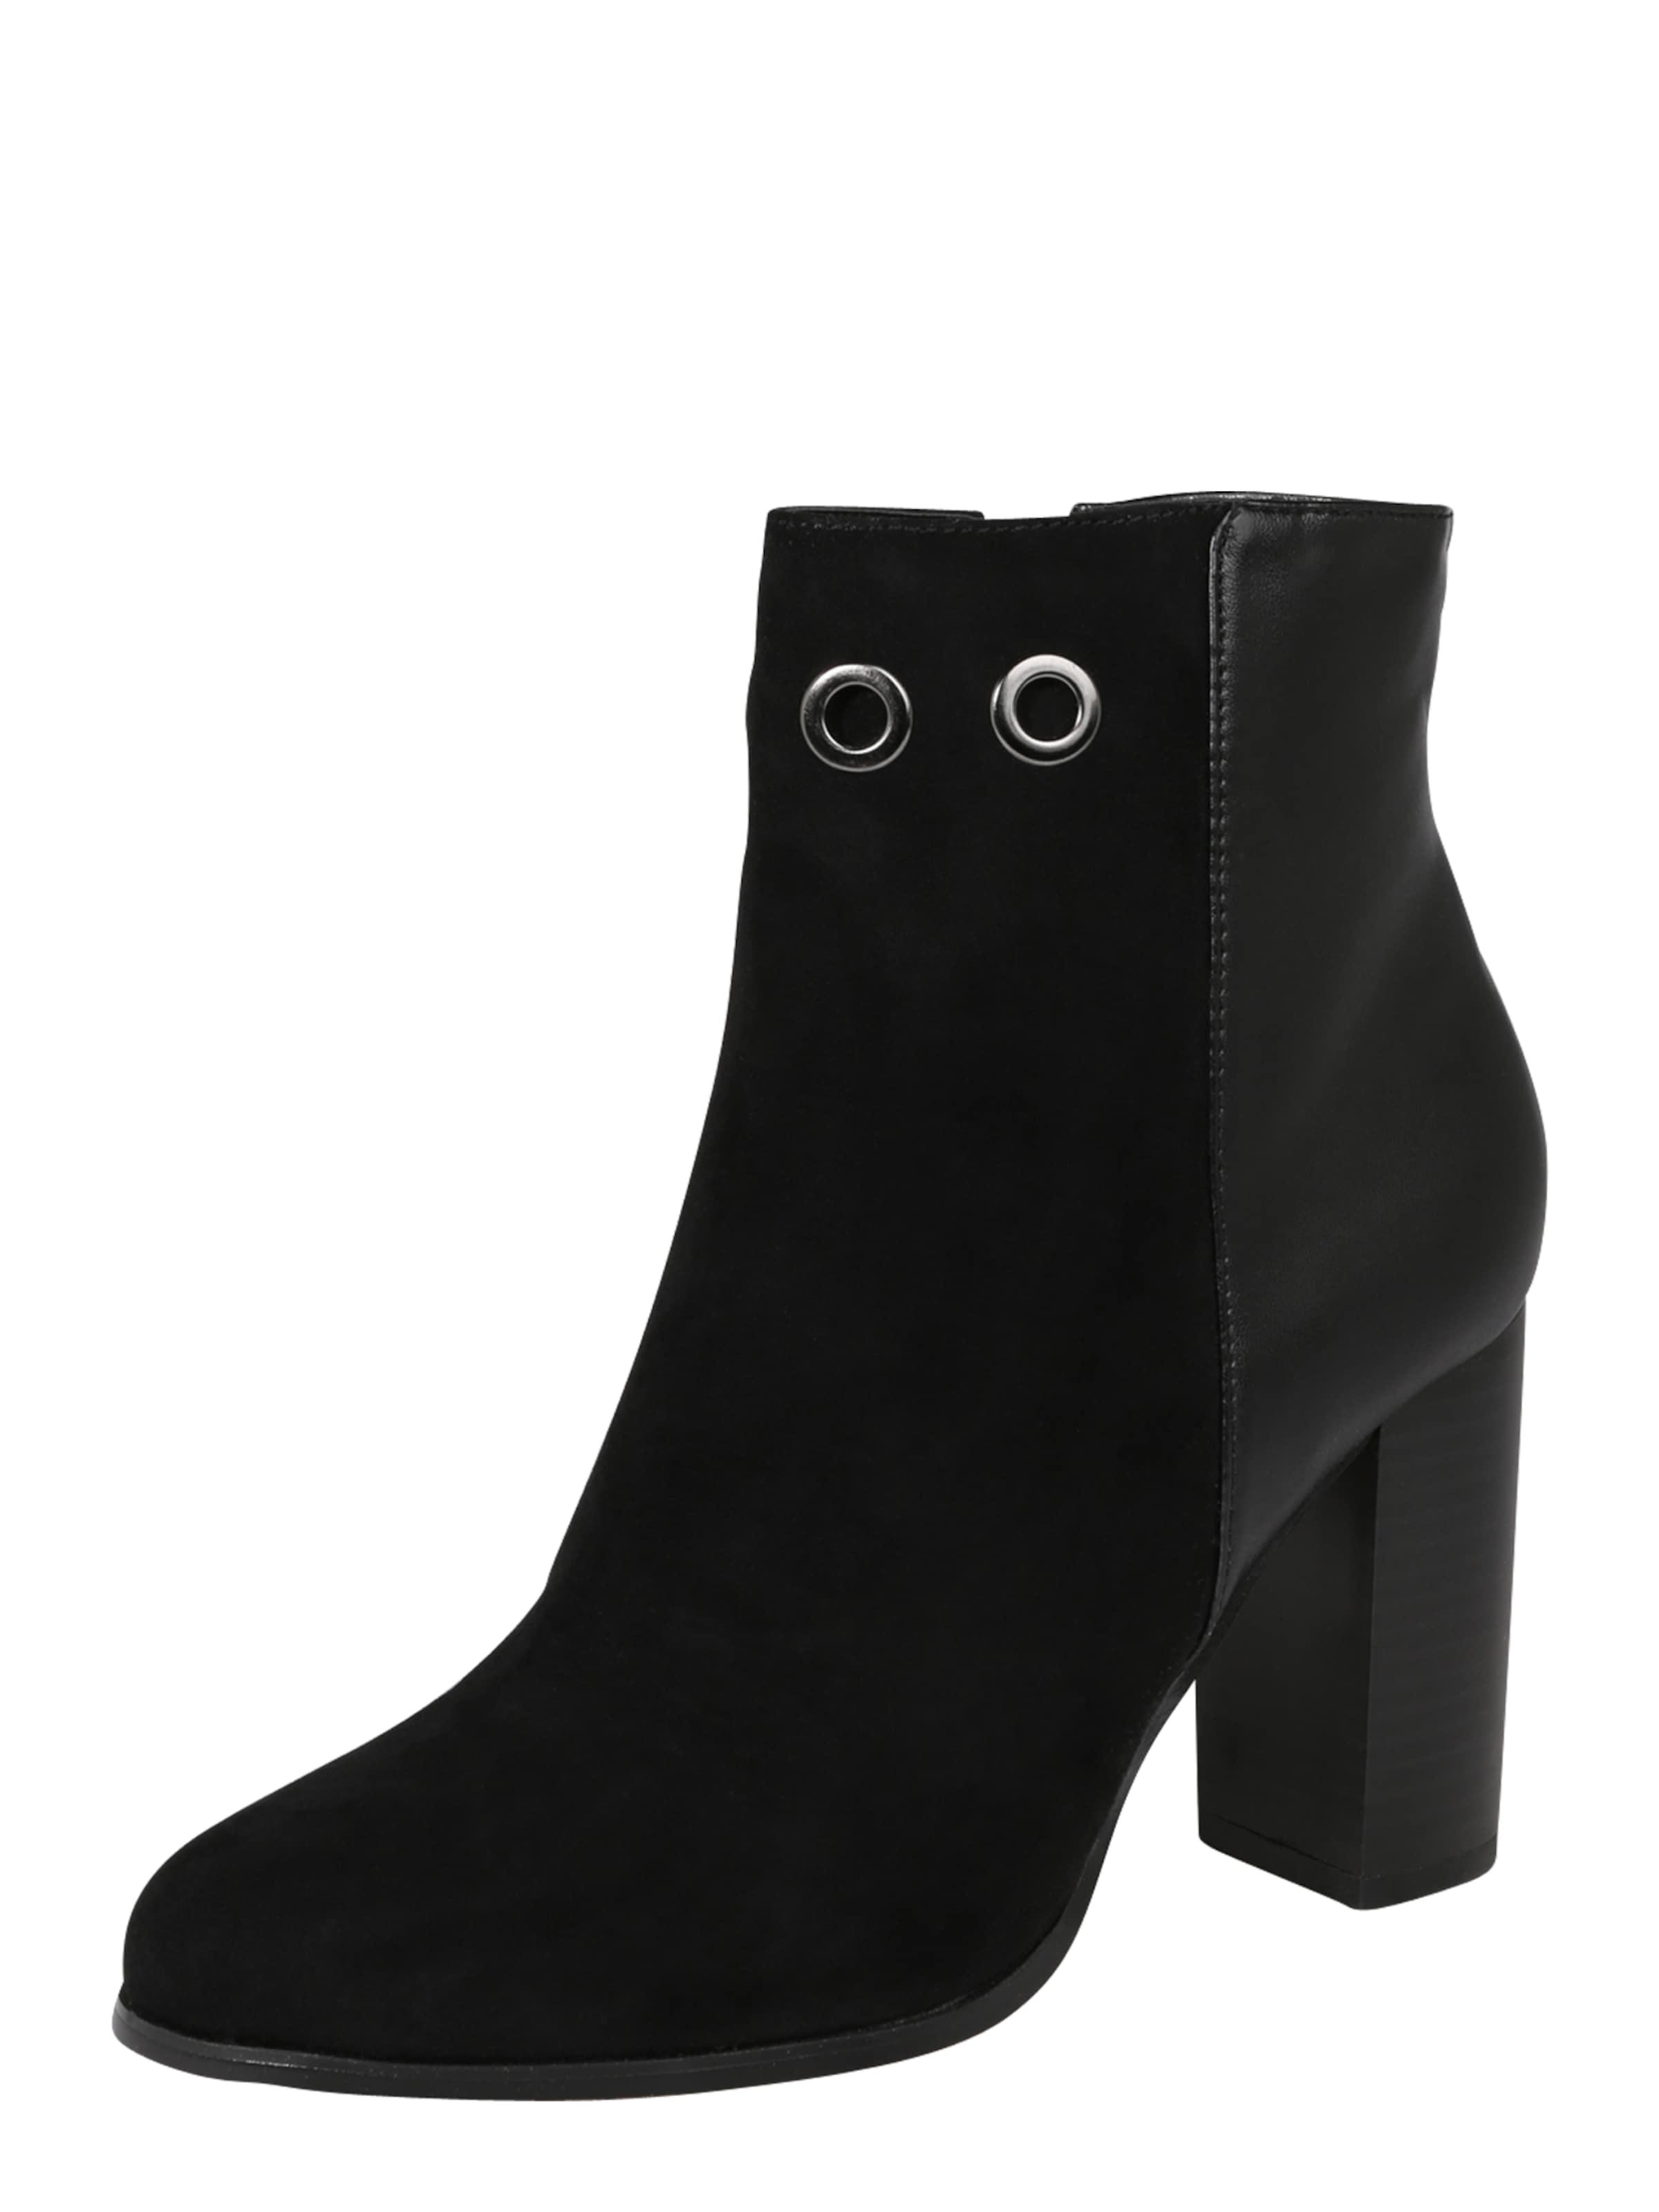 ONLY Stiefelette BROOM Verschleißfeste billige Schuhe